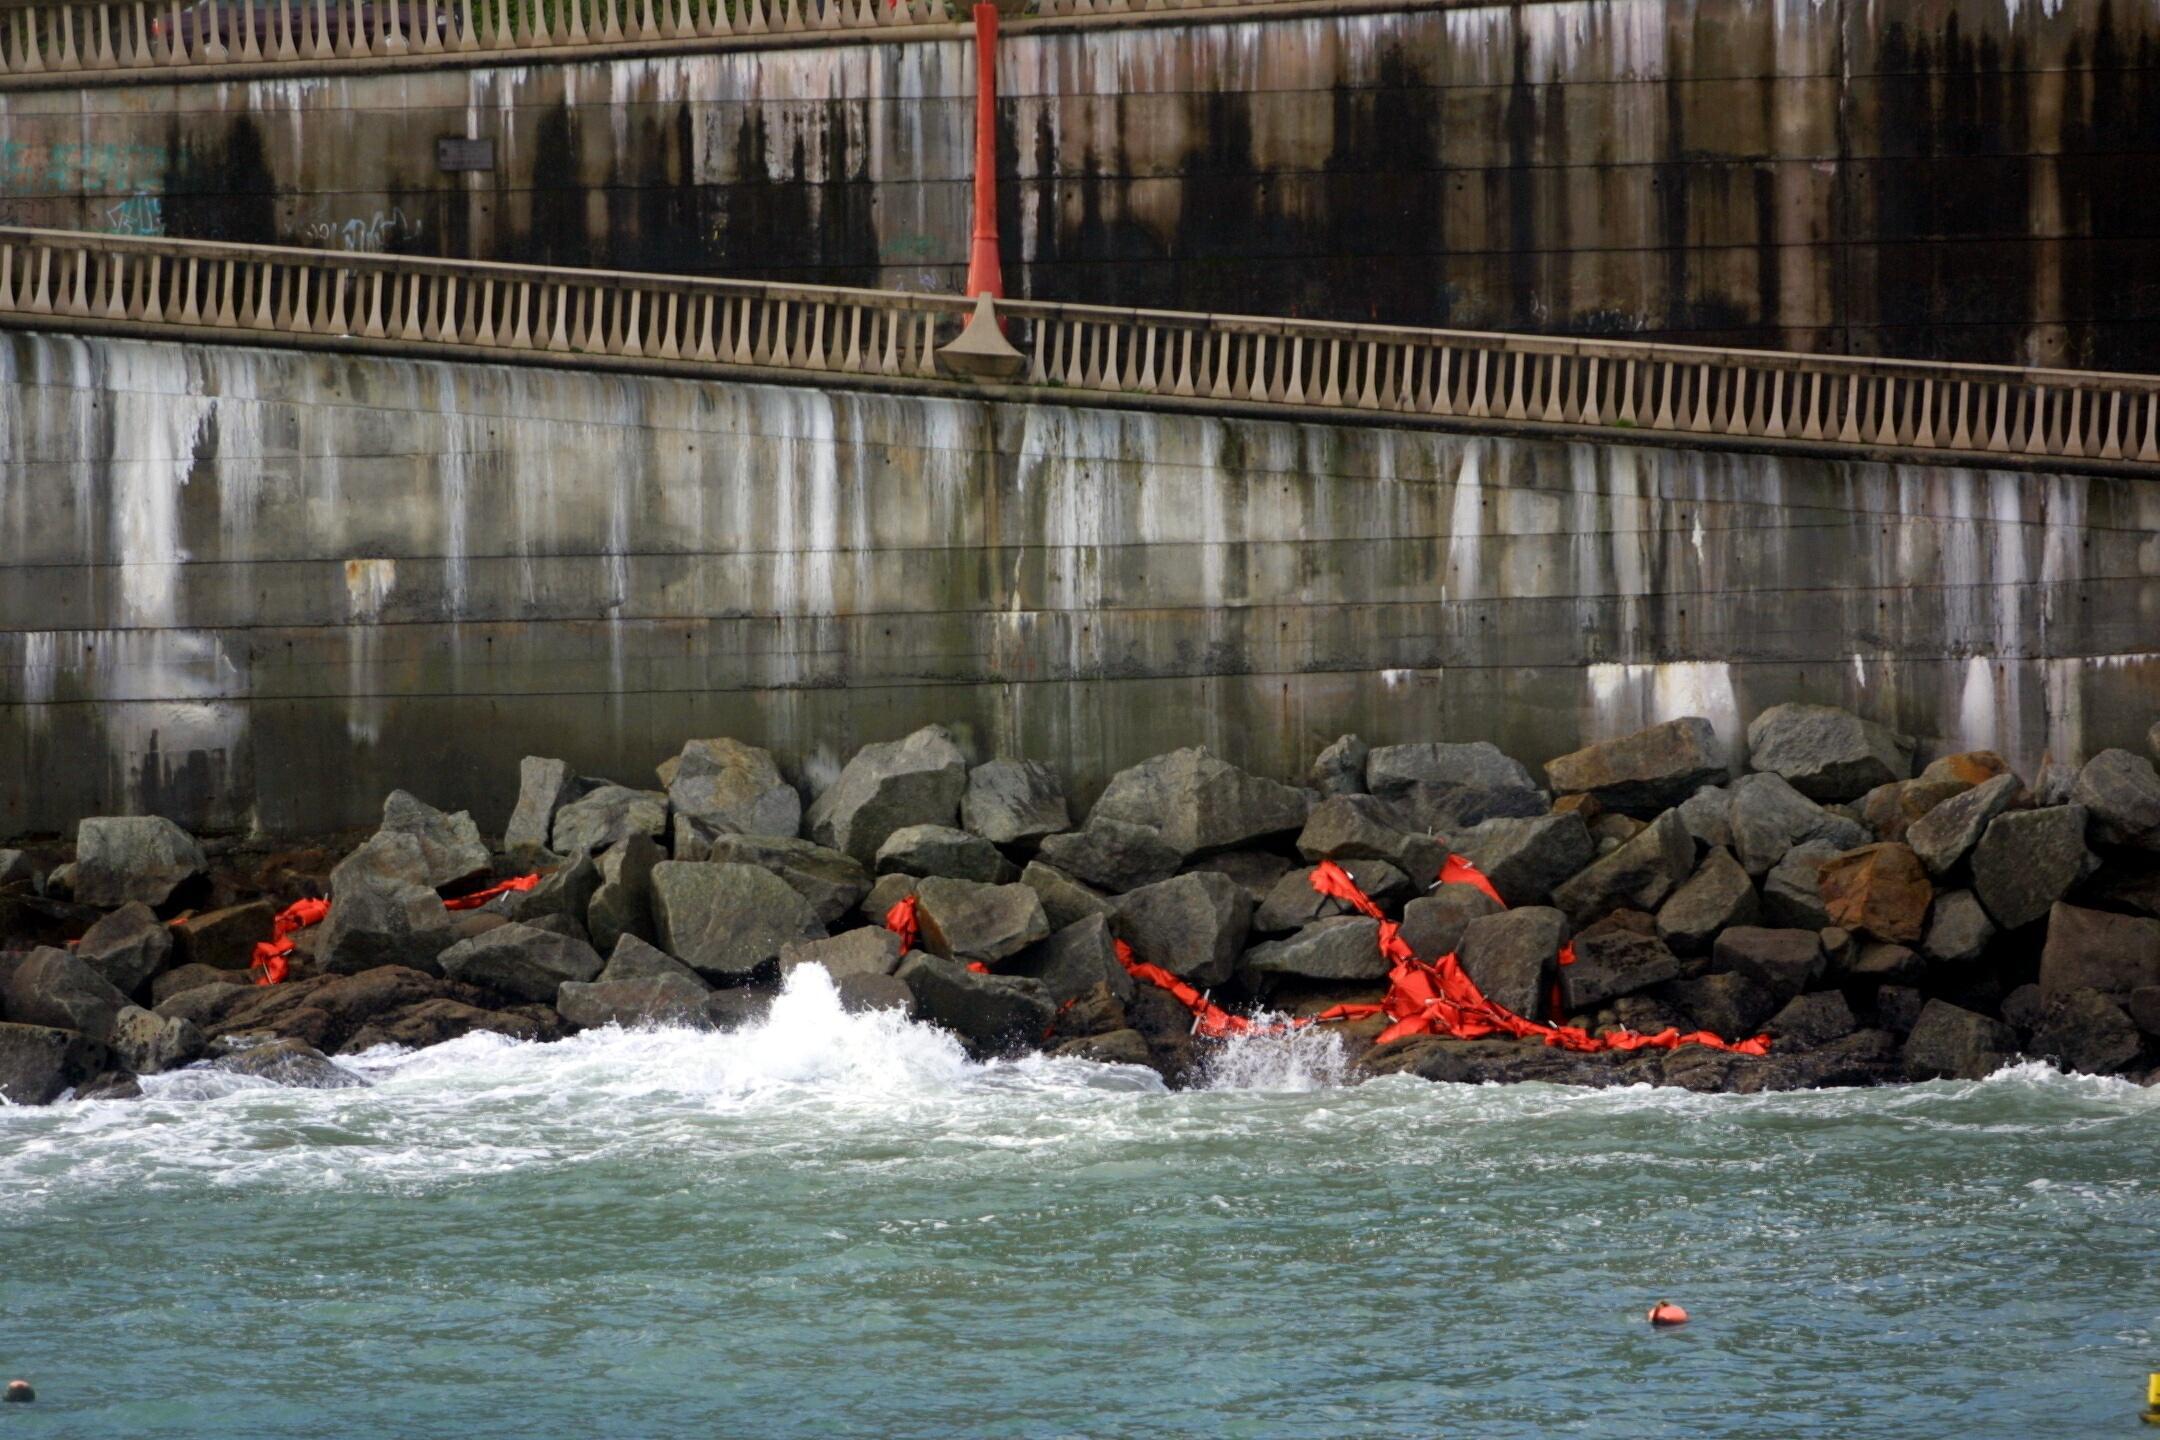 Barreras destrozadas por el temporal en las rocas del Orzán, en A Coruña. <br> <b>Xosé Castro</b>